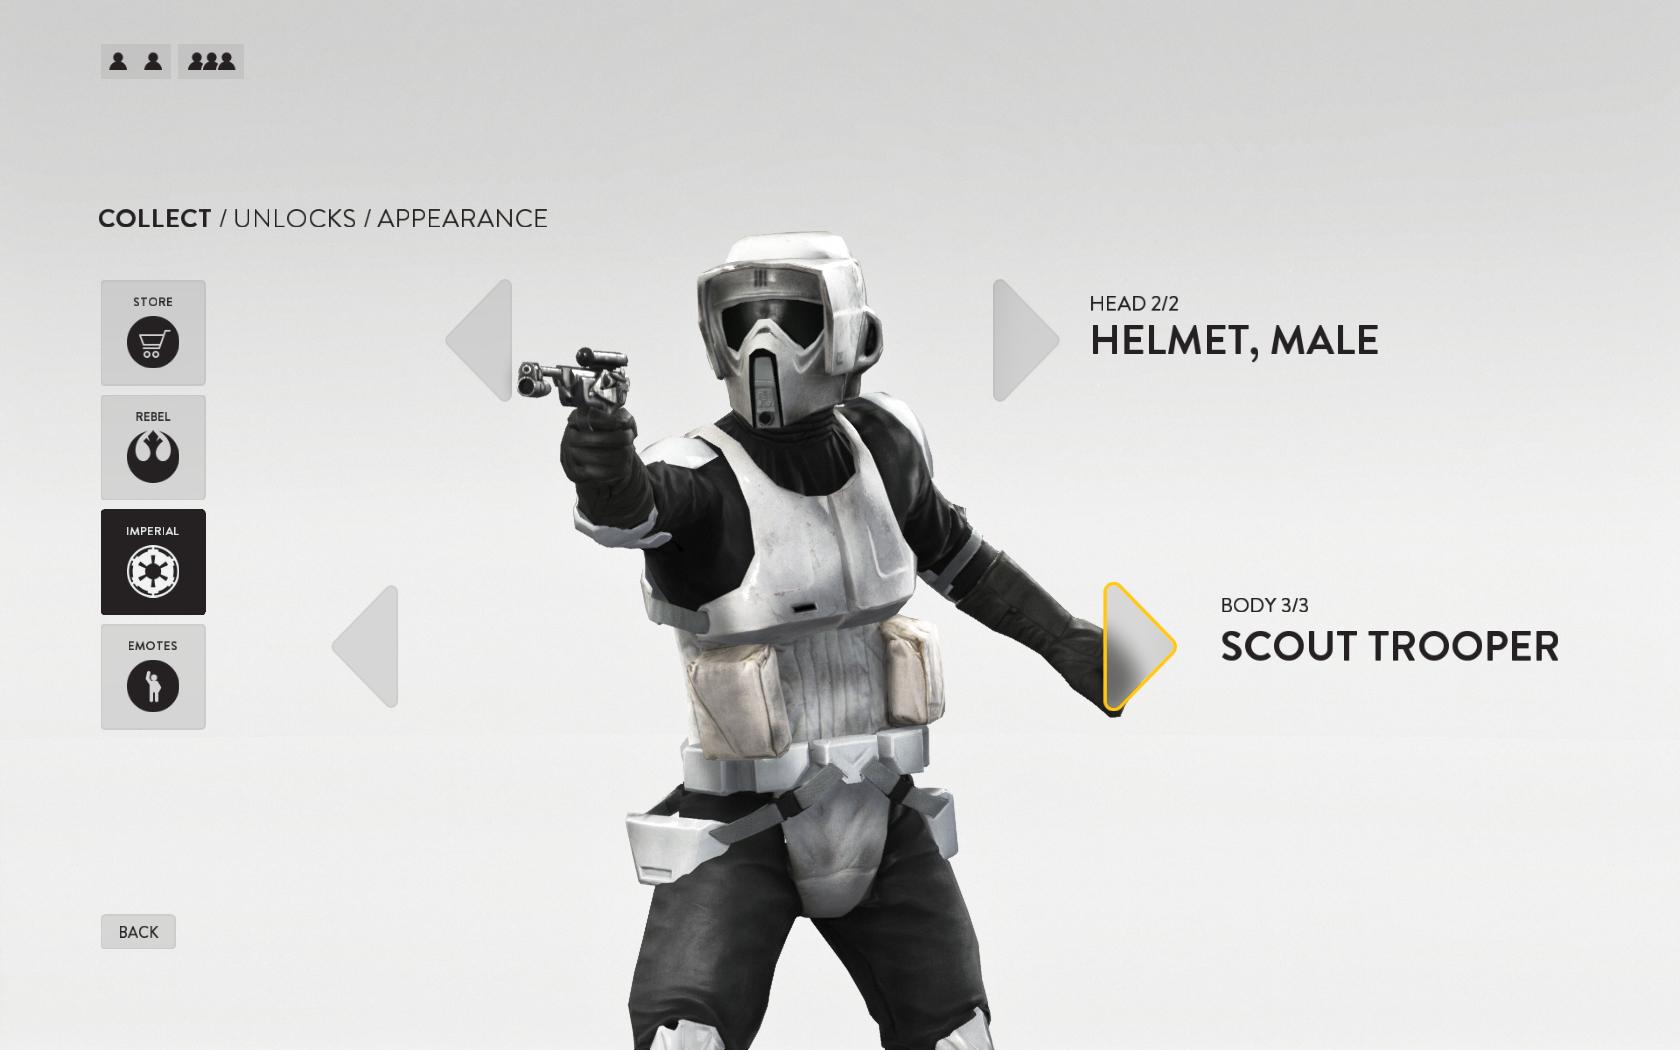 Patch Star Wars: Battlefrontu mění systém úpravy postav a Trait karet a zvyšuje maximální úroveň 131047